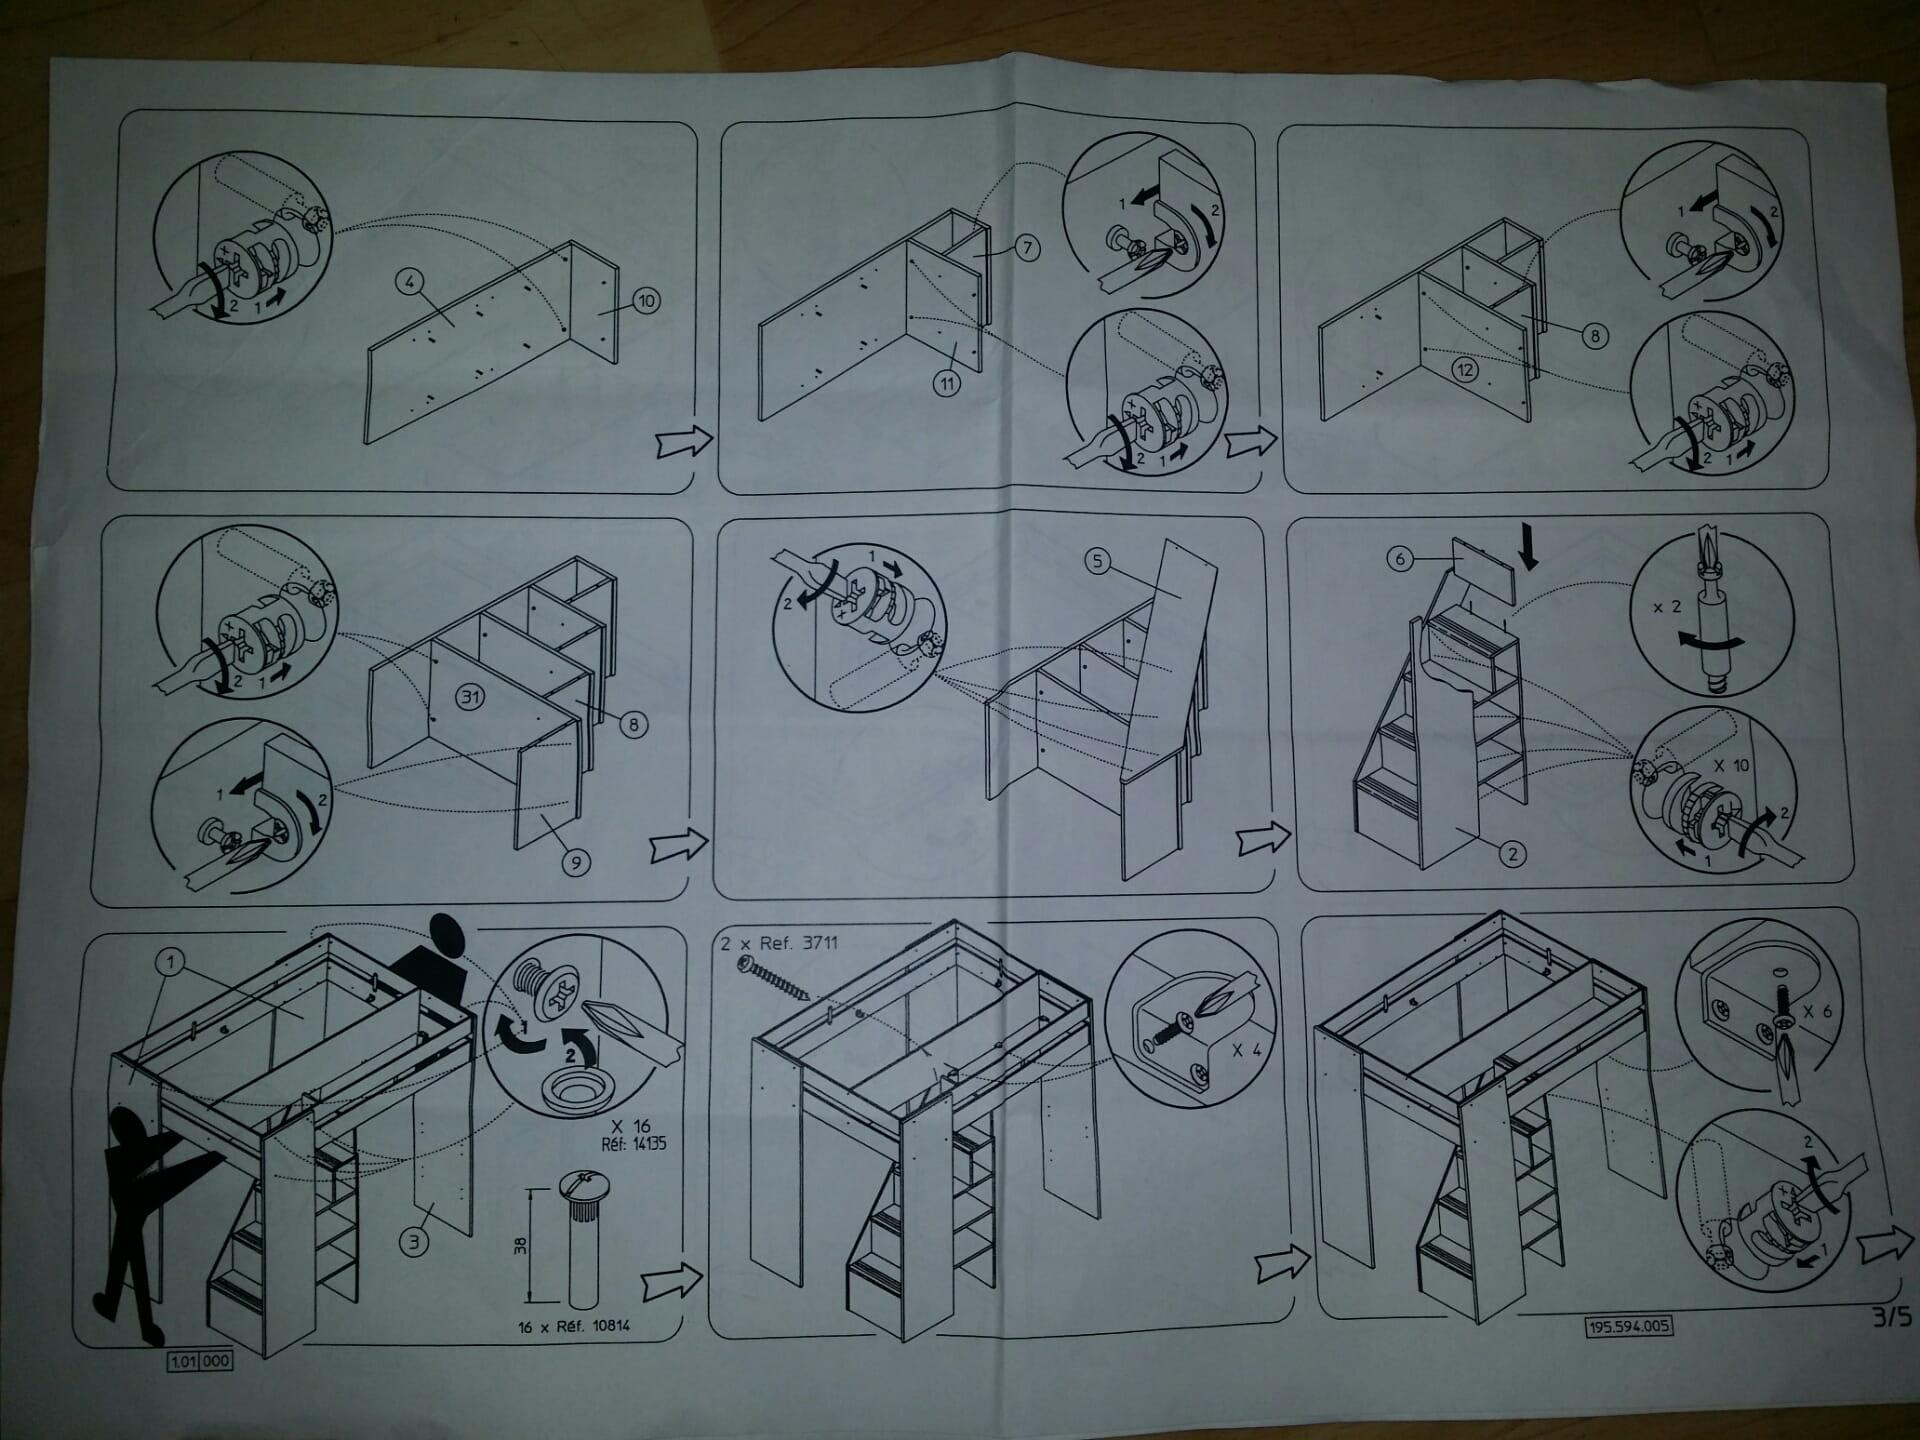 qui aurait la notice de montage du lit haut mezzanine montana. Black Bedroom Furniture Sets. Home Design Ideas